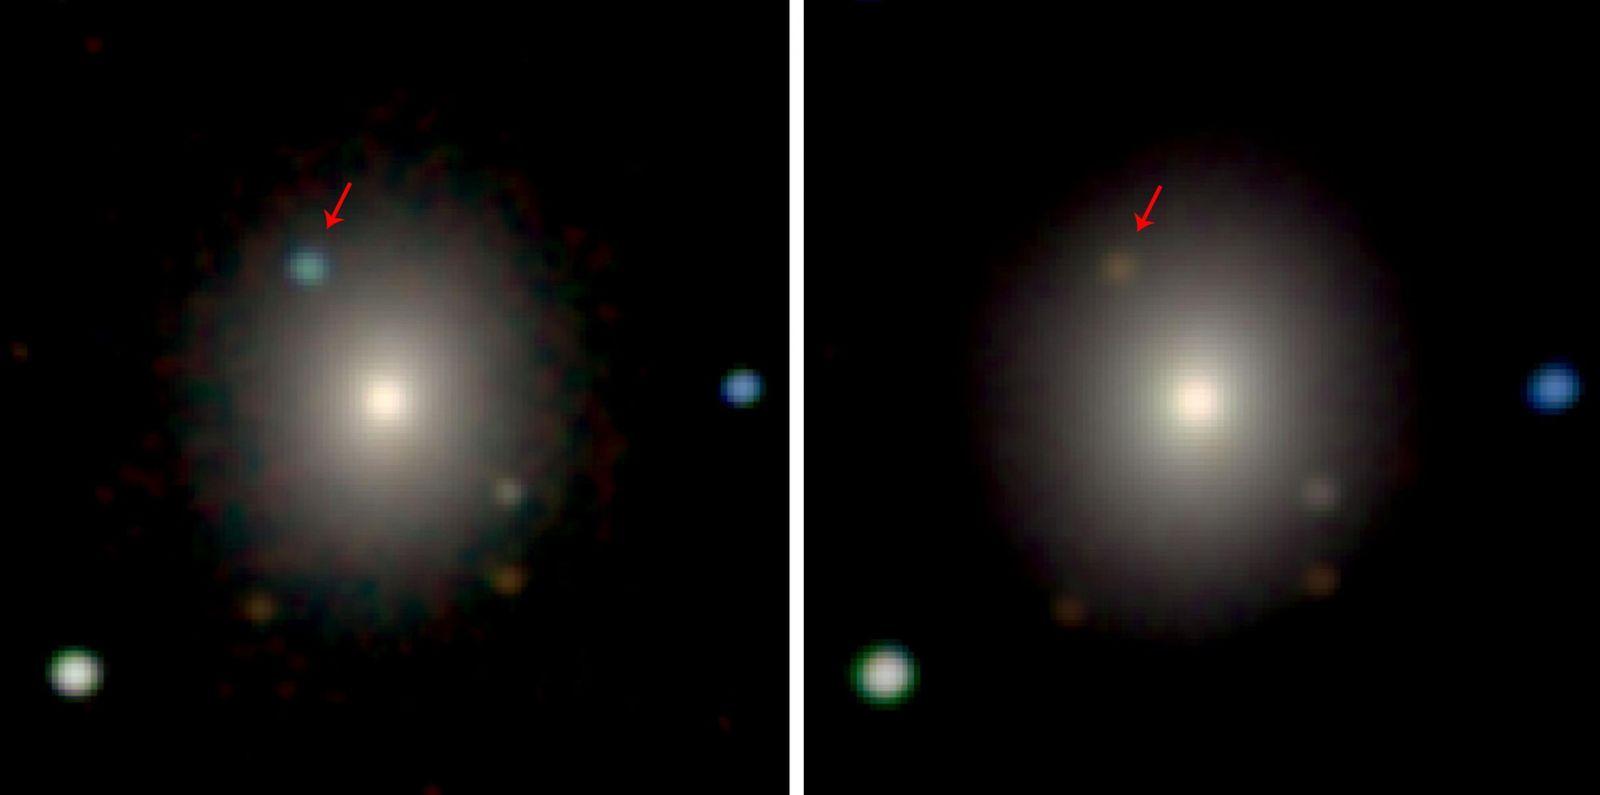 colisao-de-estrelas-de-neutron-imagem-telescopio